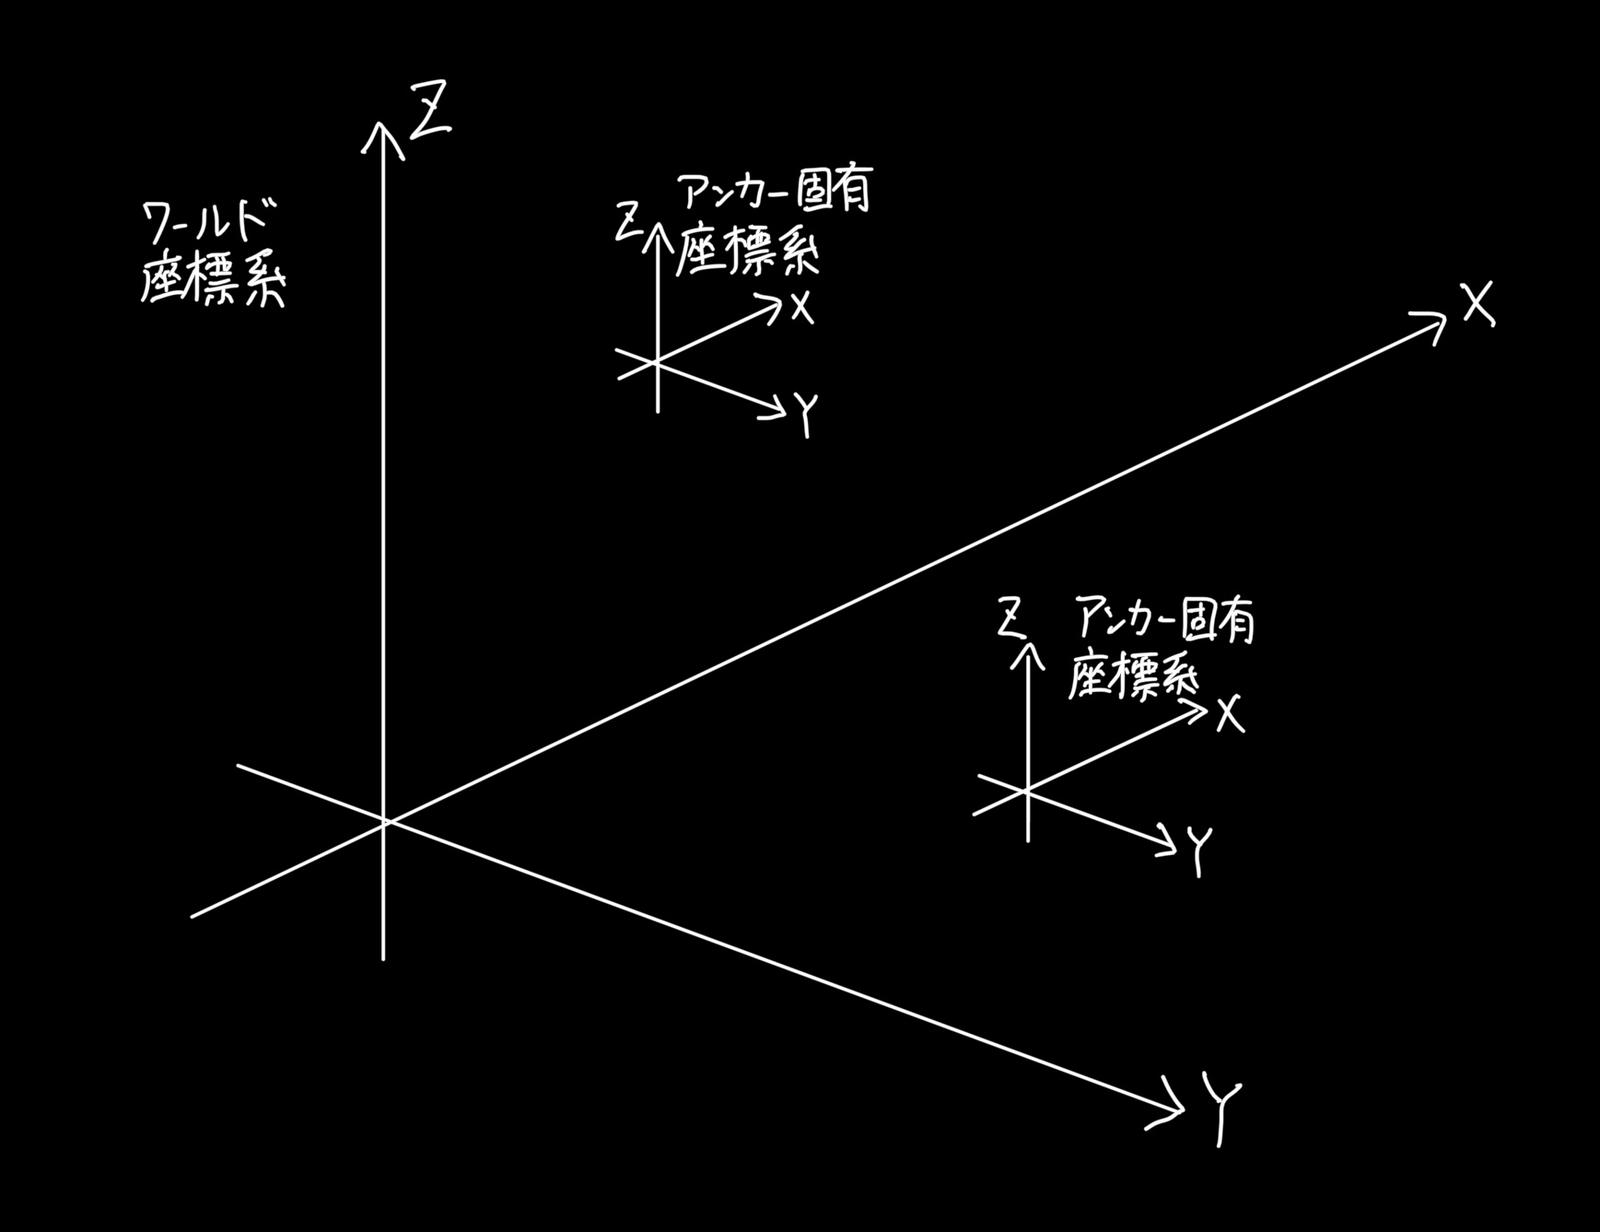 f:id:optim-tech:20210426105621j:plain